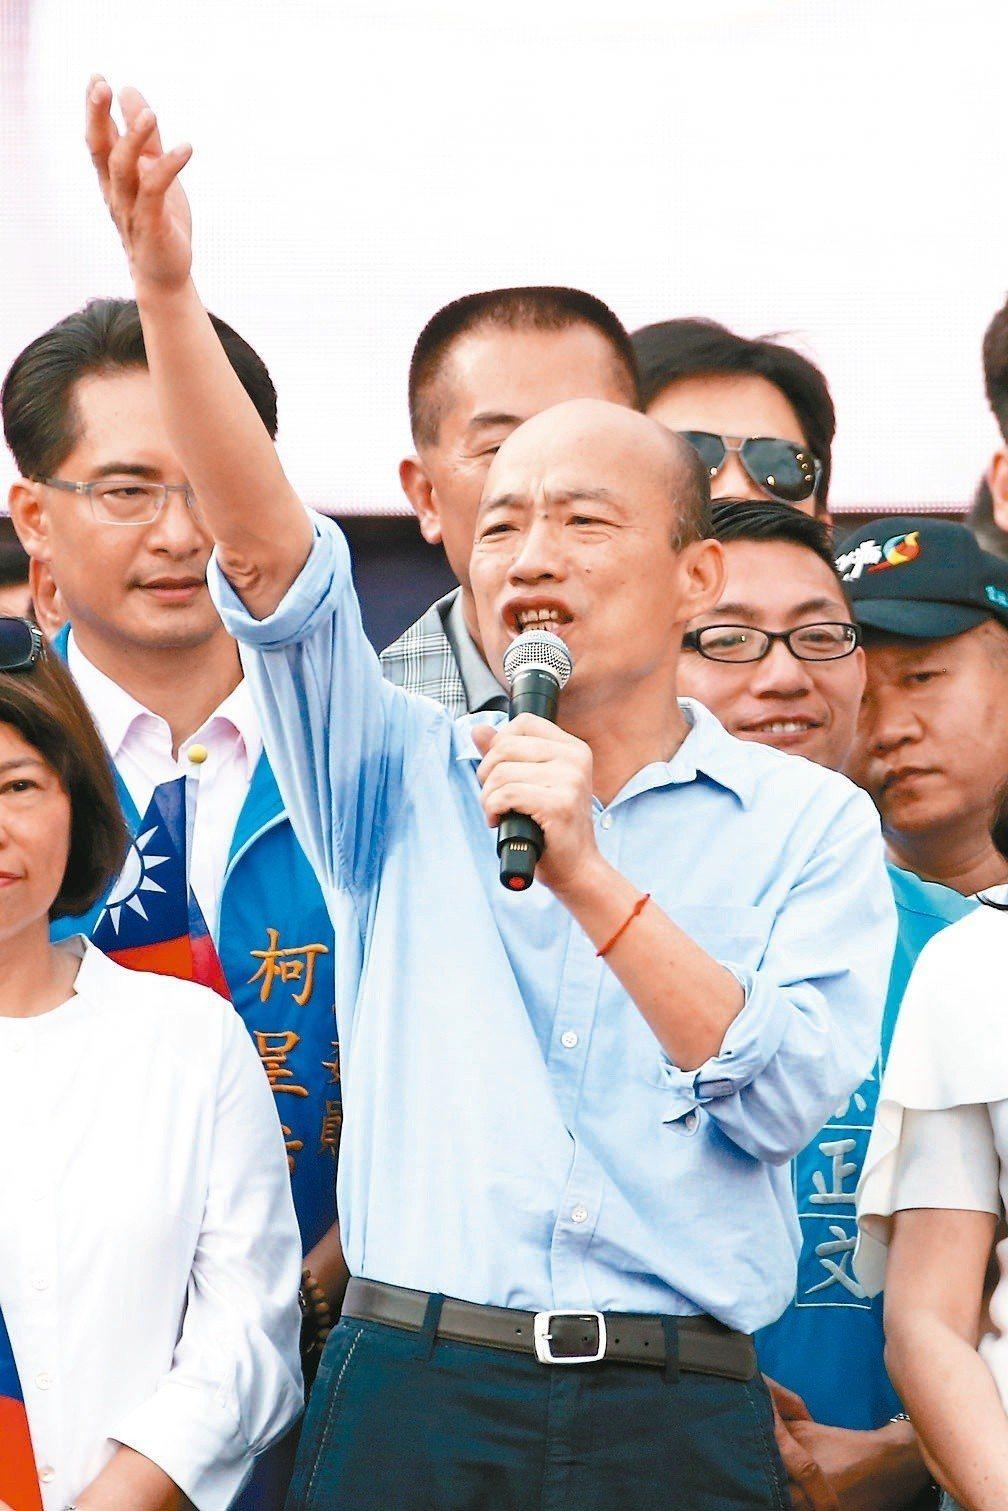 高雄市長韓國瑜昨天到雲林造勢,但黨內外、中央到地方各種批判質疑聲也緊逼。 記者黃...